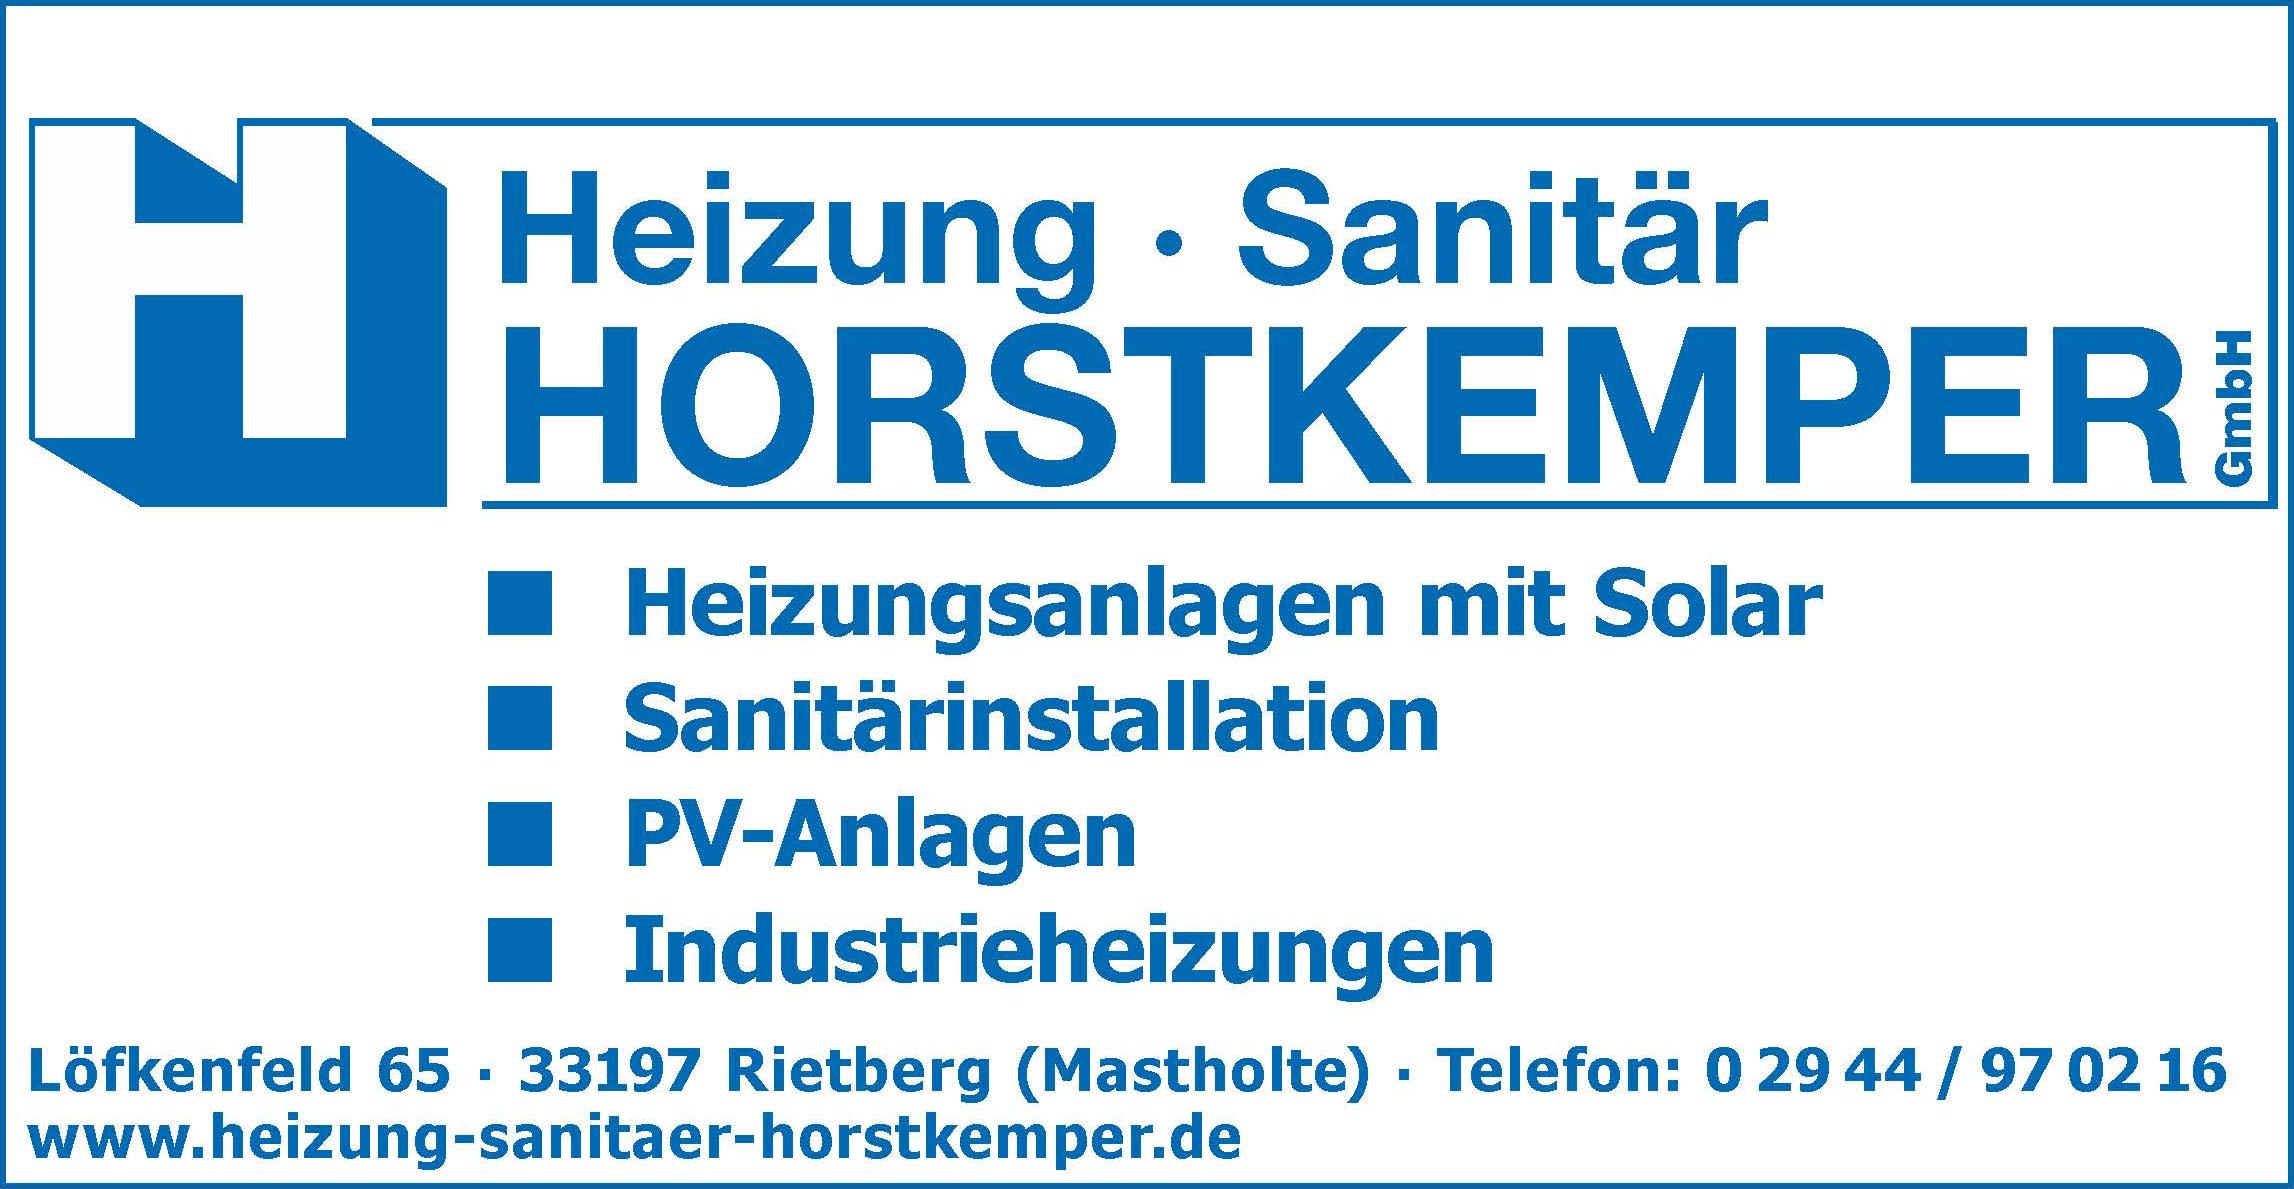 Horstkemper_Heizung